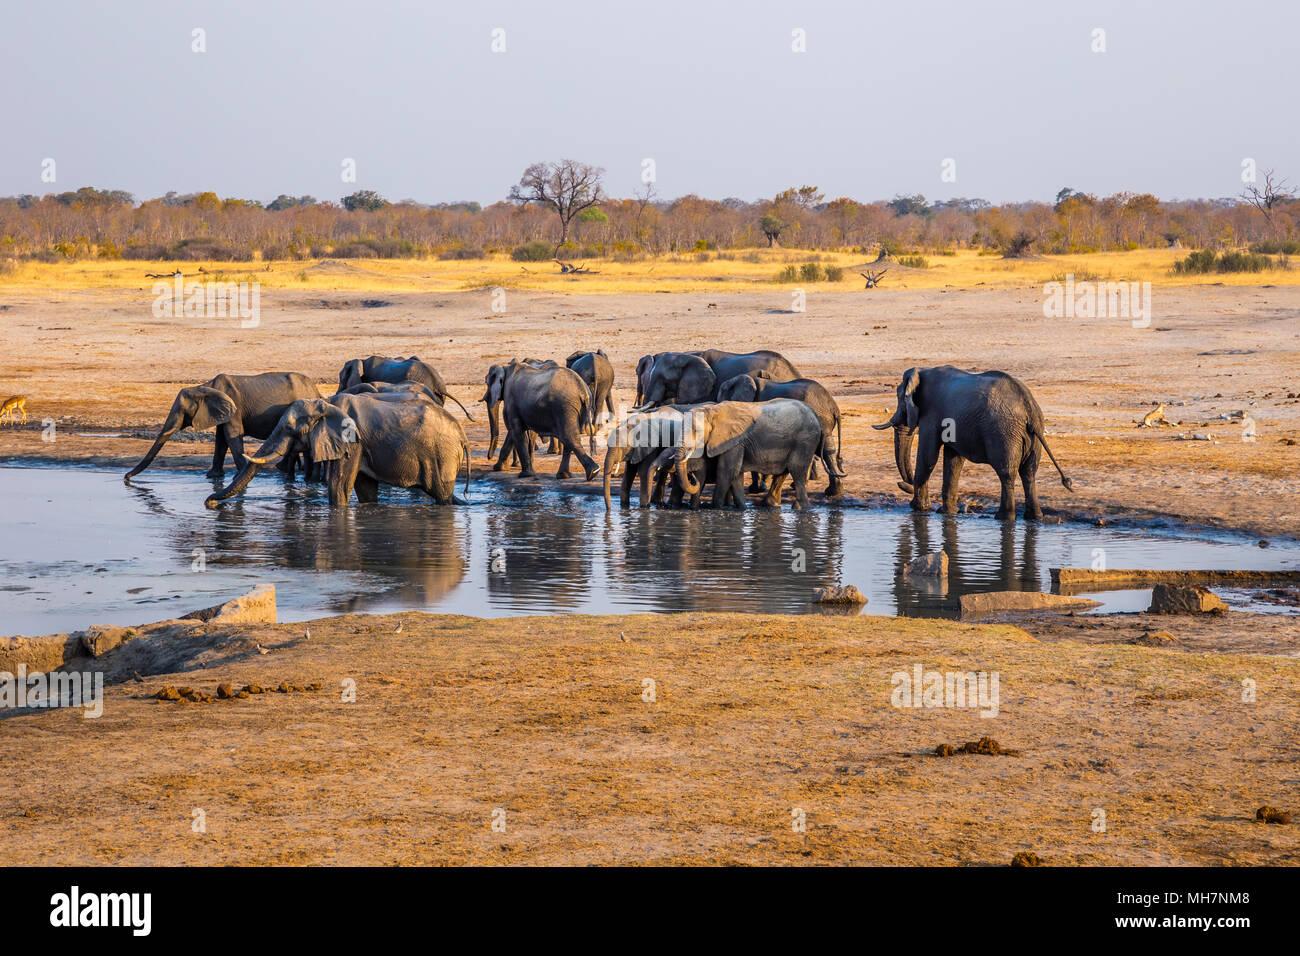 Gli elefanti raccogliere da uno dei rimanenti numerose pozze d'acqua durante un periodo di siccità nel Parco Nazionale di Hwange, Zimbabwe. Il 9 settembre. 2016. Immagini Stock